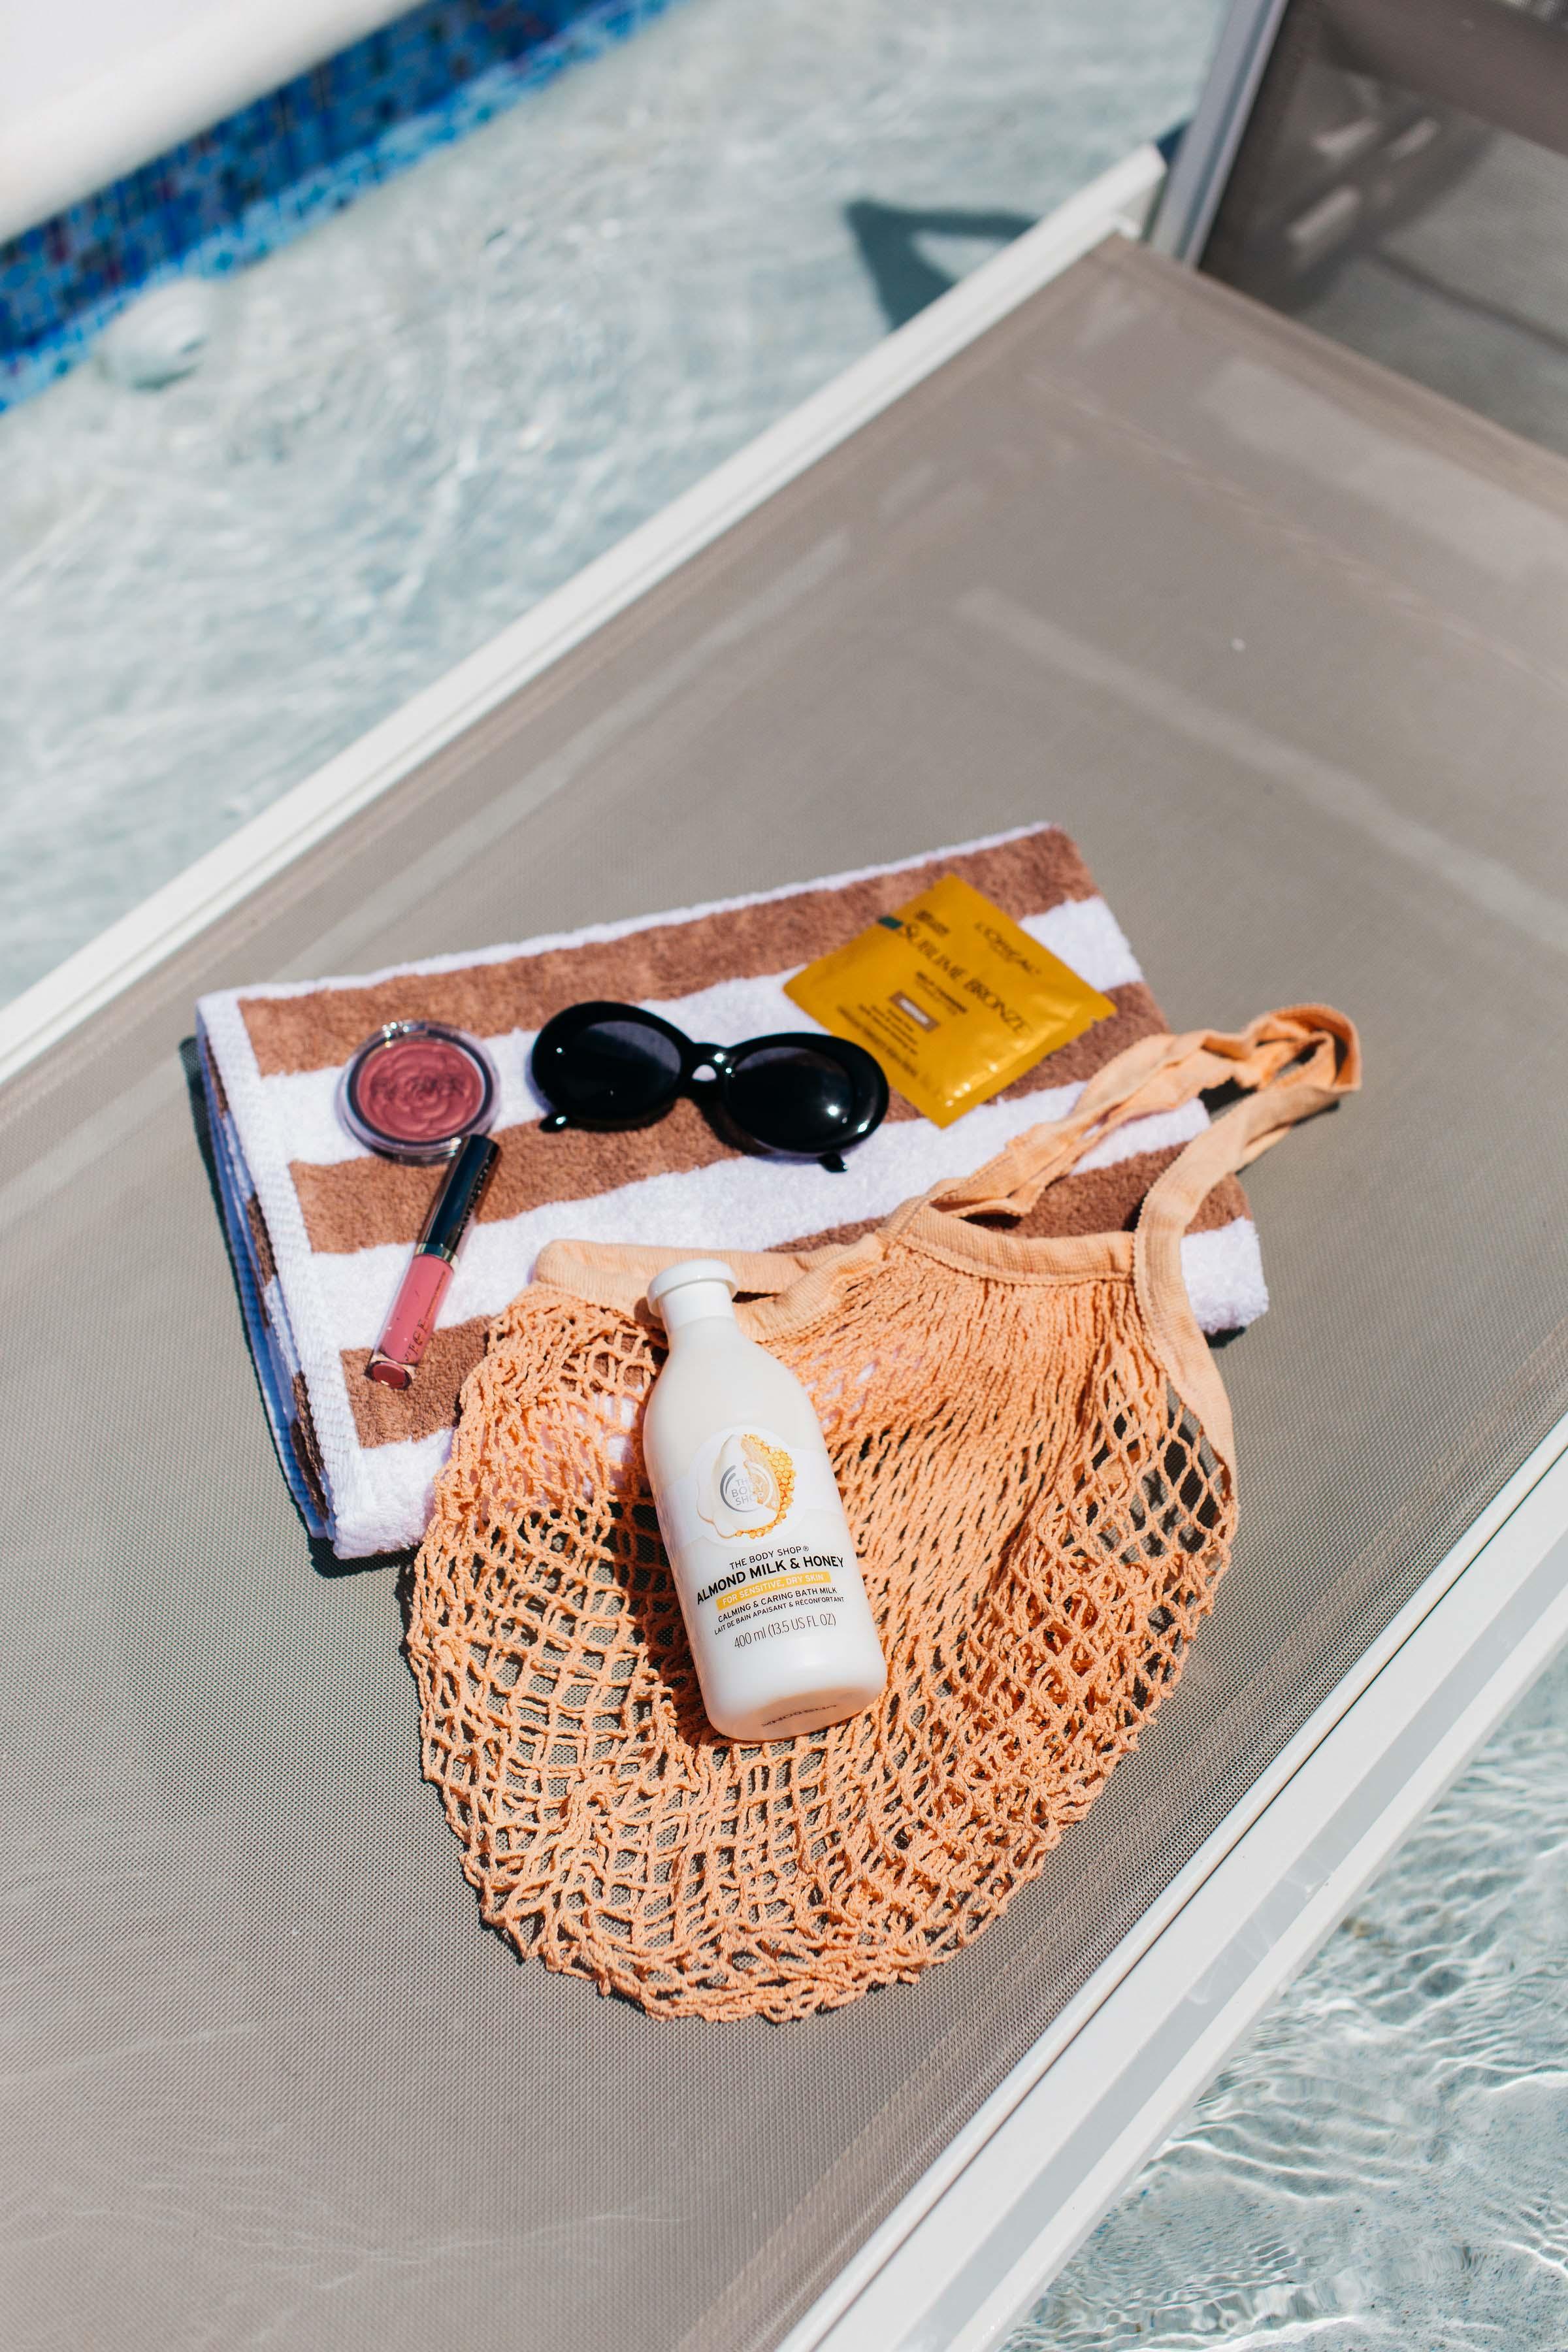 Pool-Party-goody-bag.jpg